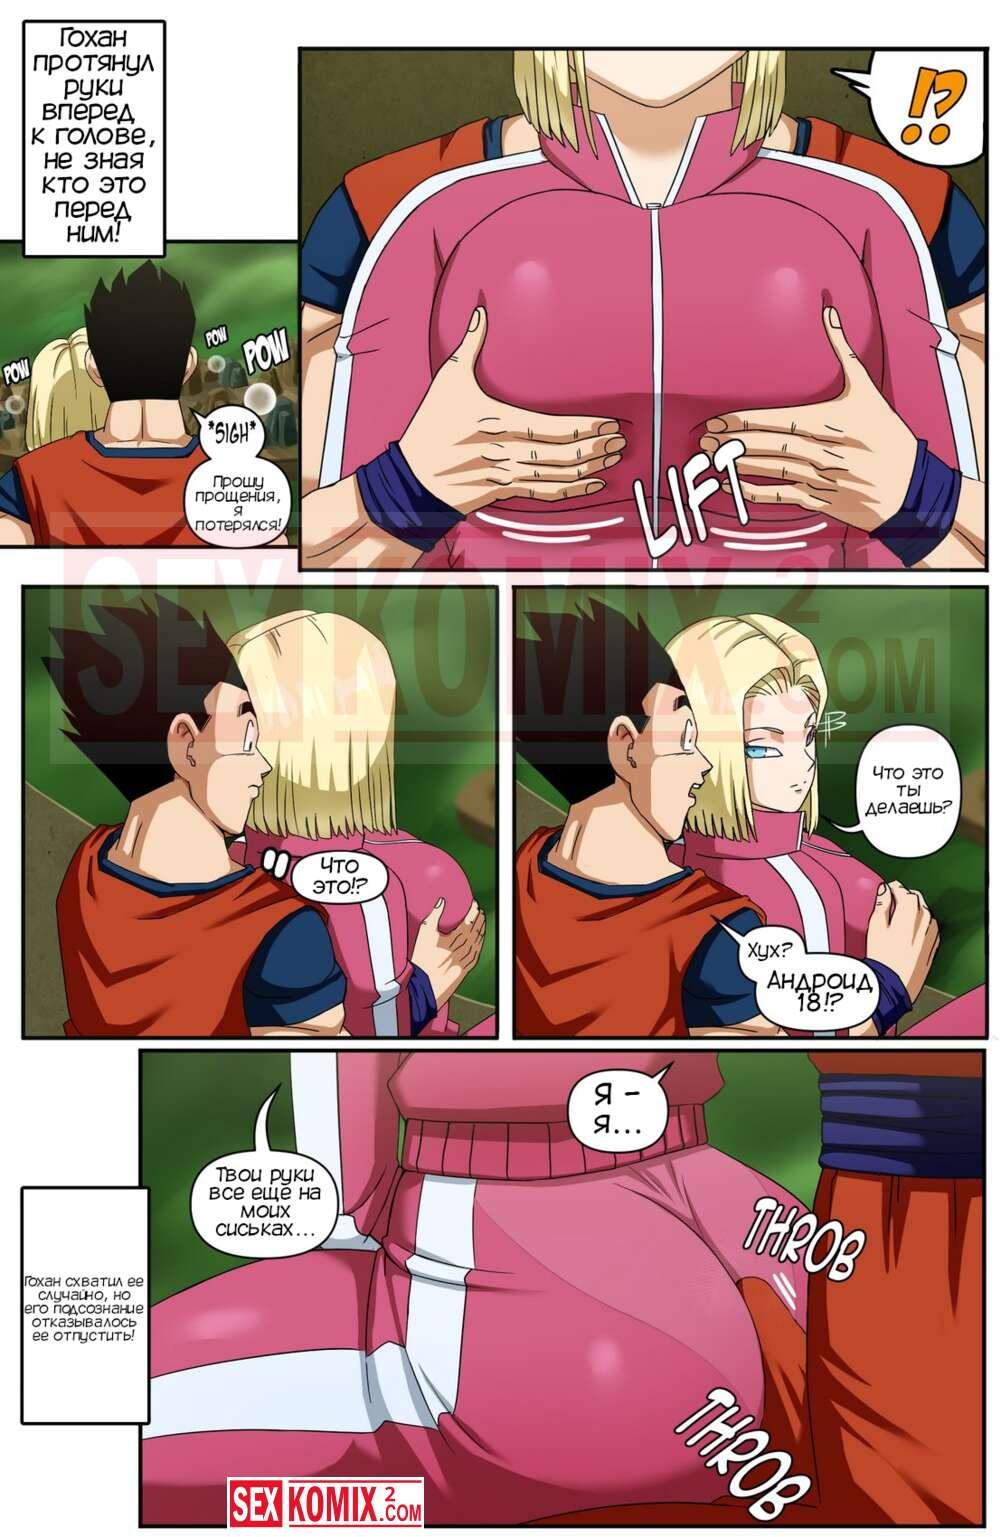 Порно комикс Dragon Ball. Андроид 18 и Гохан. Часть 2. Pink Pawg. Блондинки, Большие сиськи, Нормальные члены, Пародии, Хентай Манга